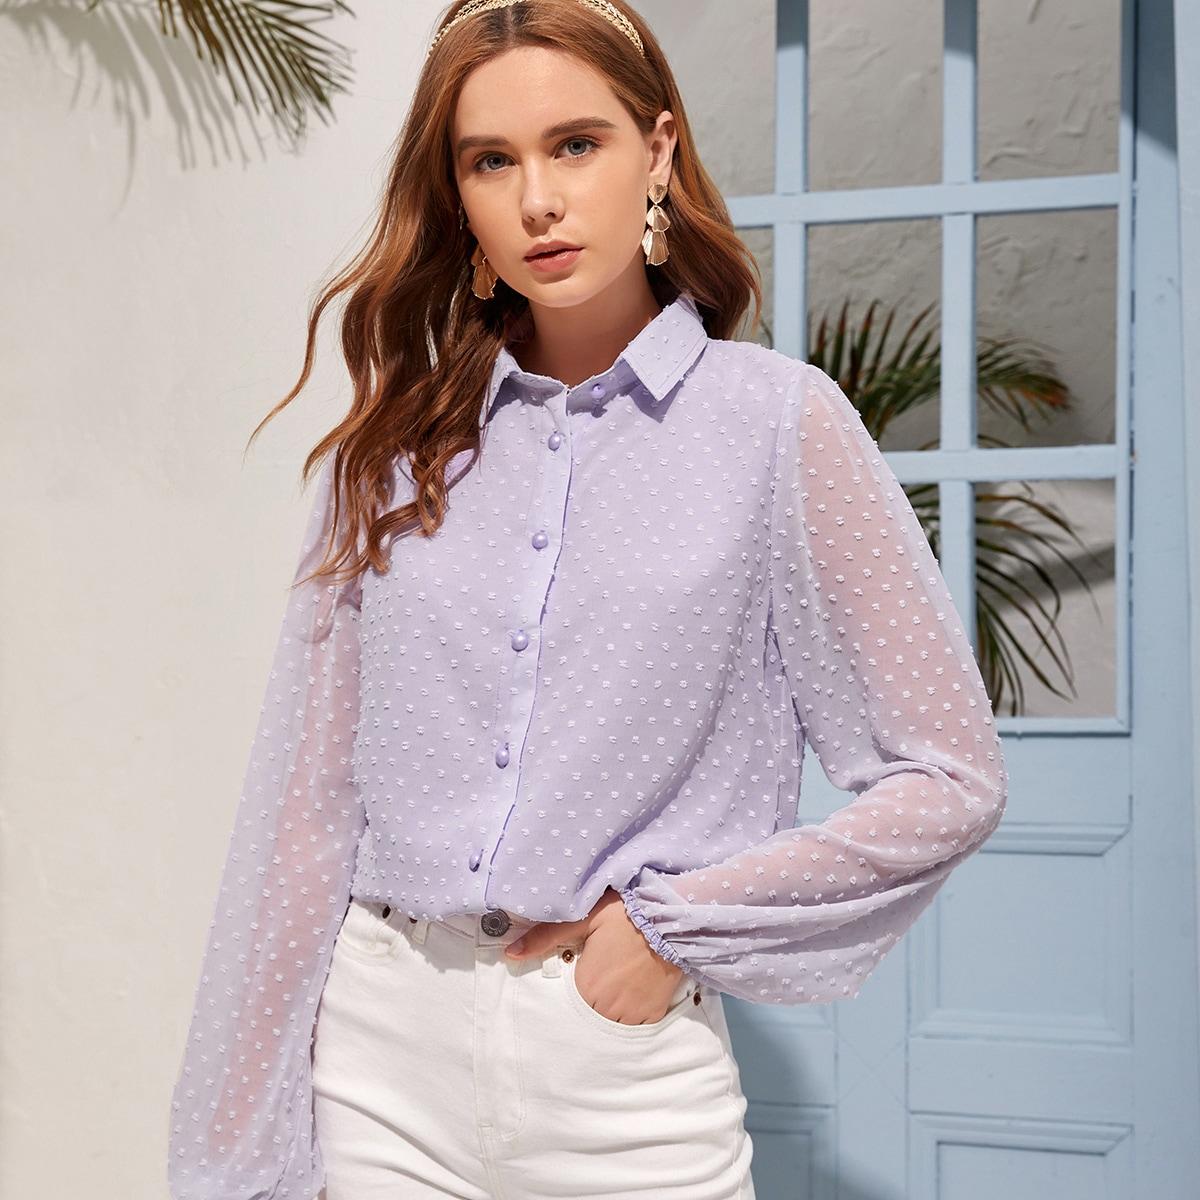 Пуговица Одноцветный Элегантный Блузы